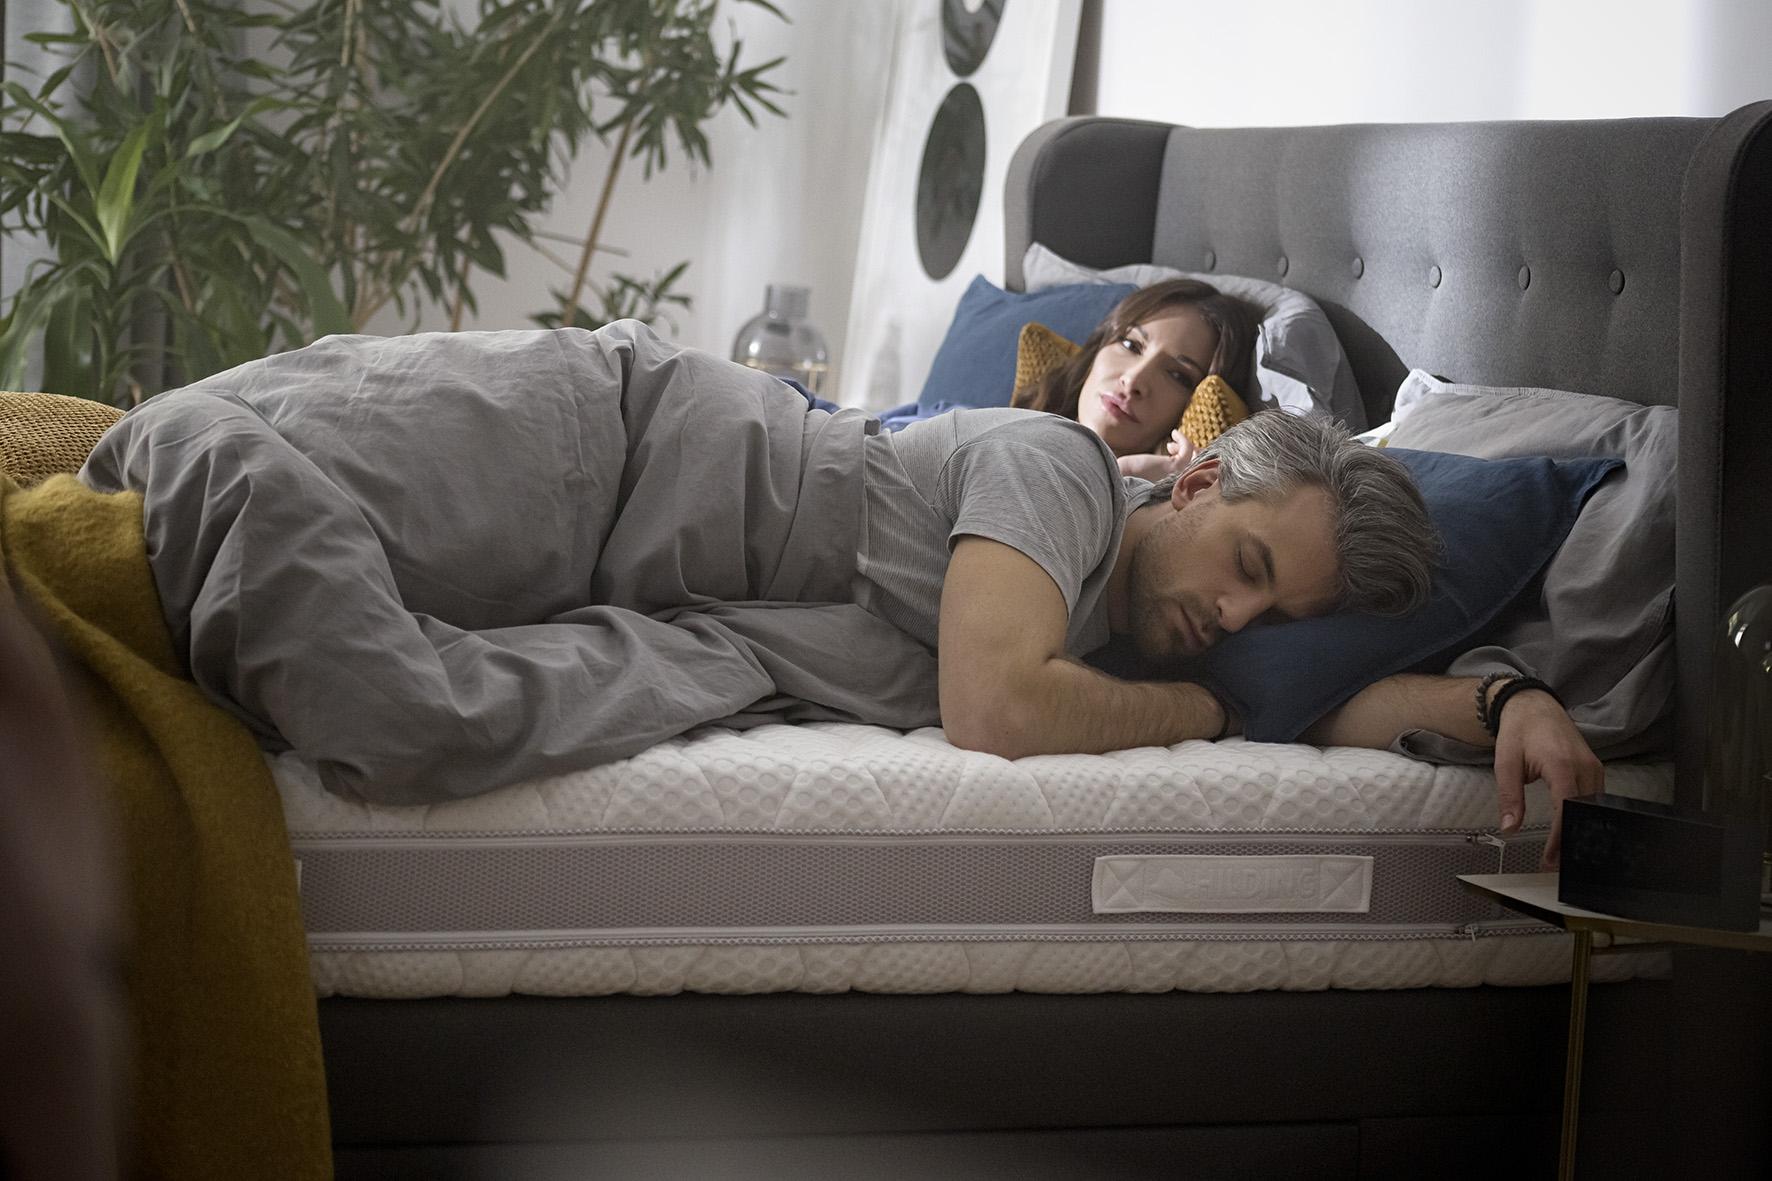 wygodny materac i zdrowy sen sa ze soba nieodlacznie powiazane.